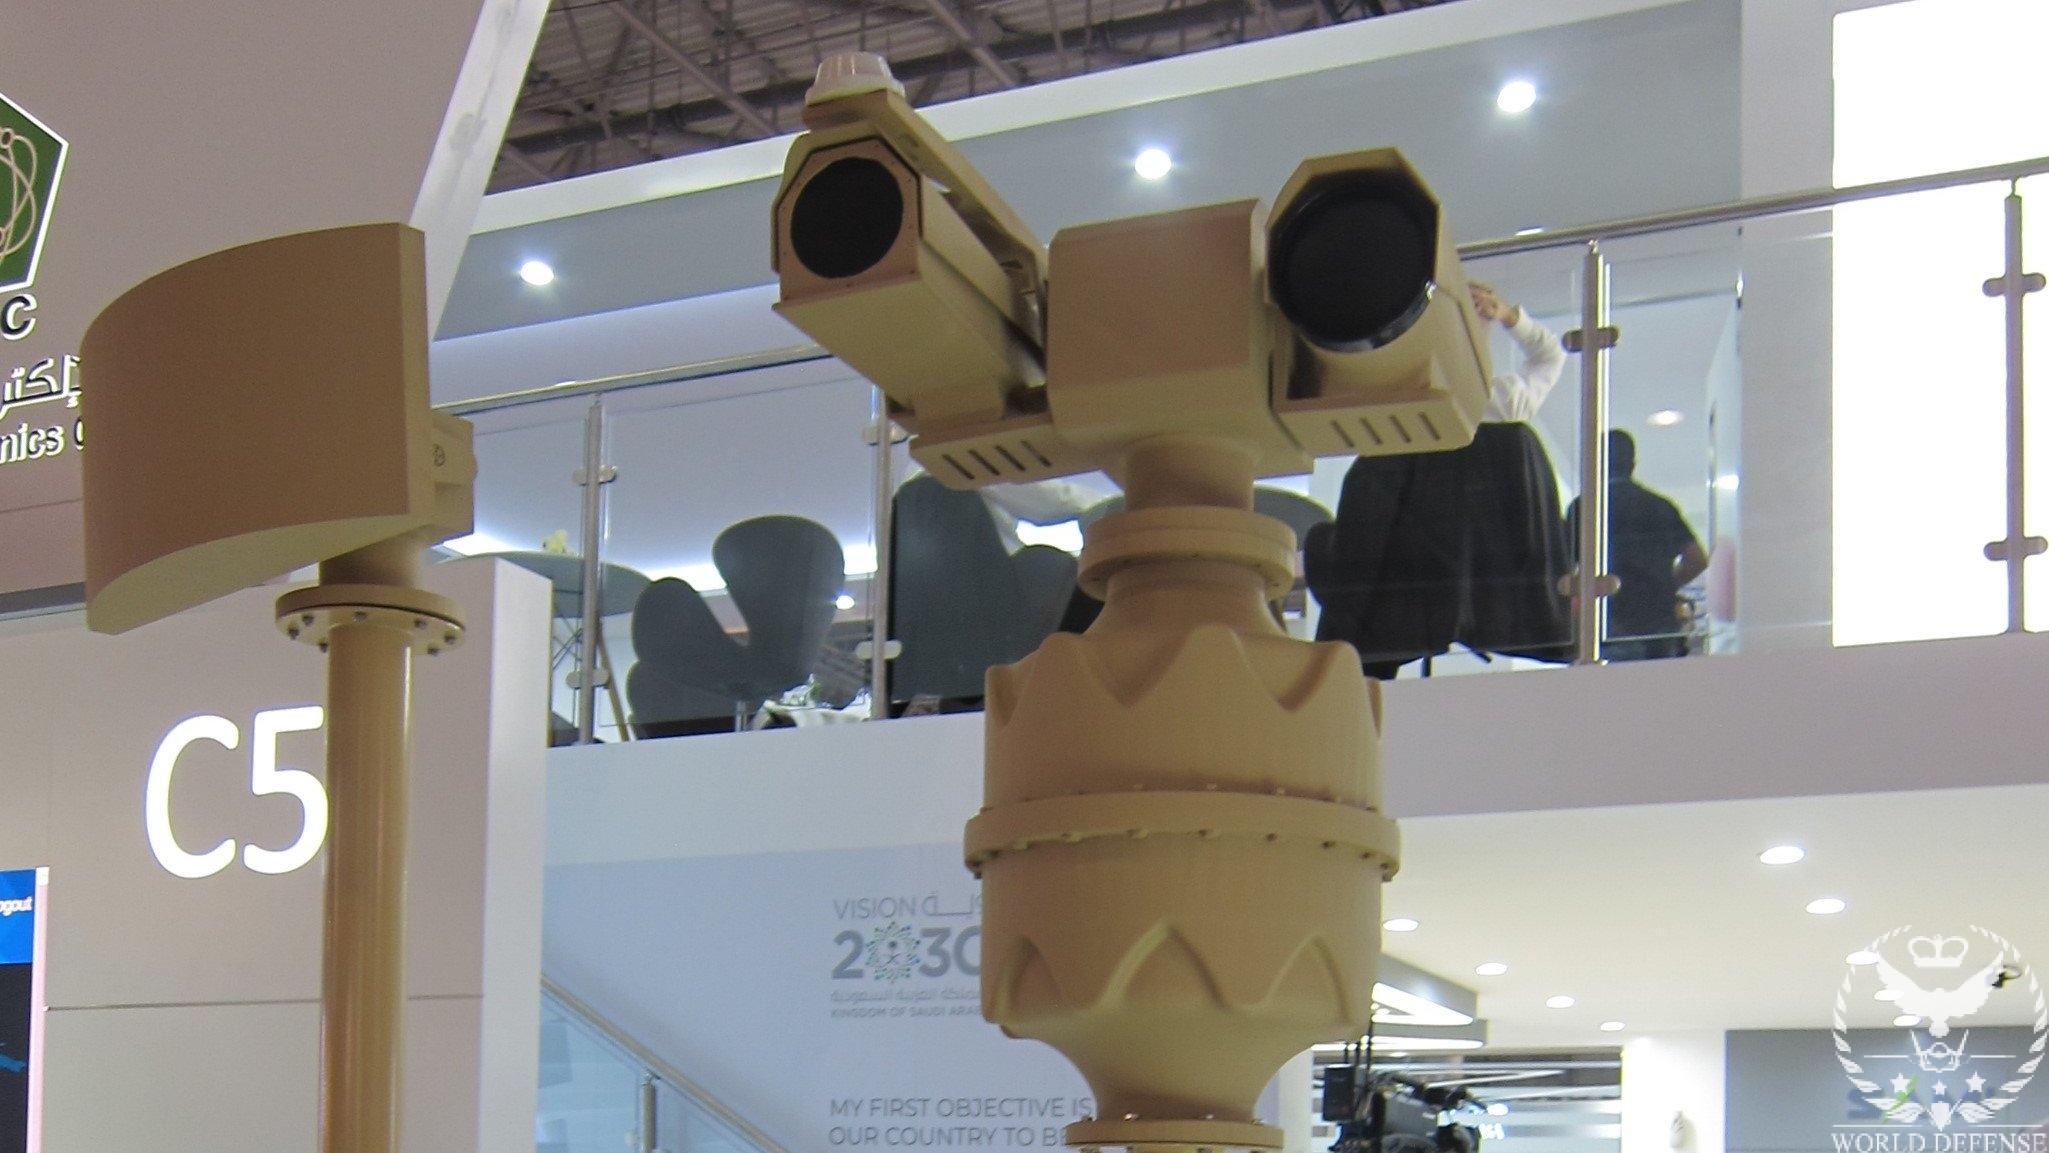 EJl-D7aXkAIrVUB.jpg